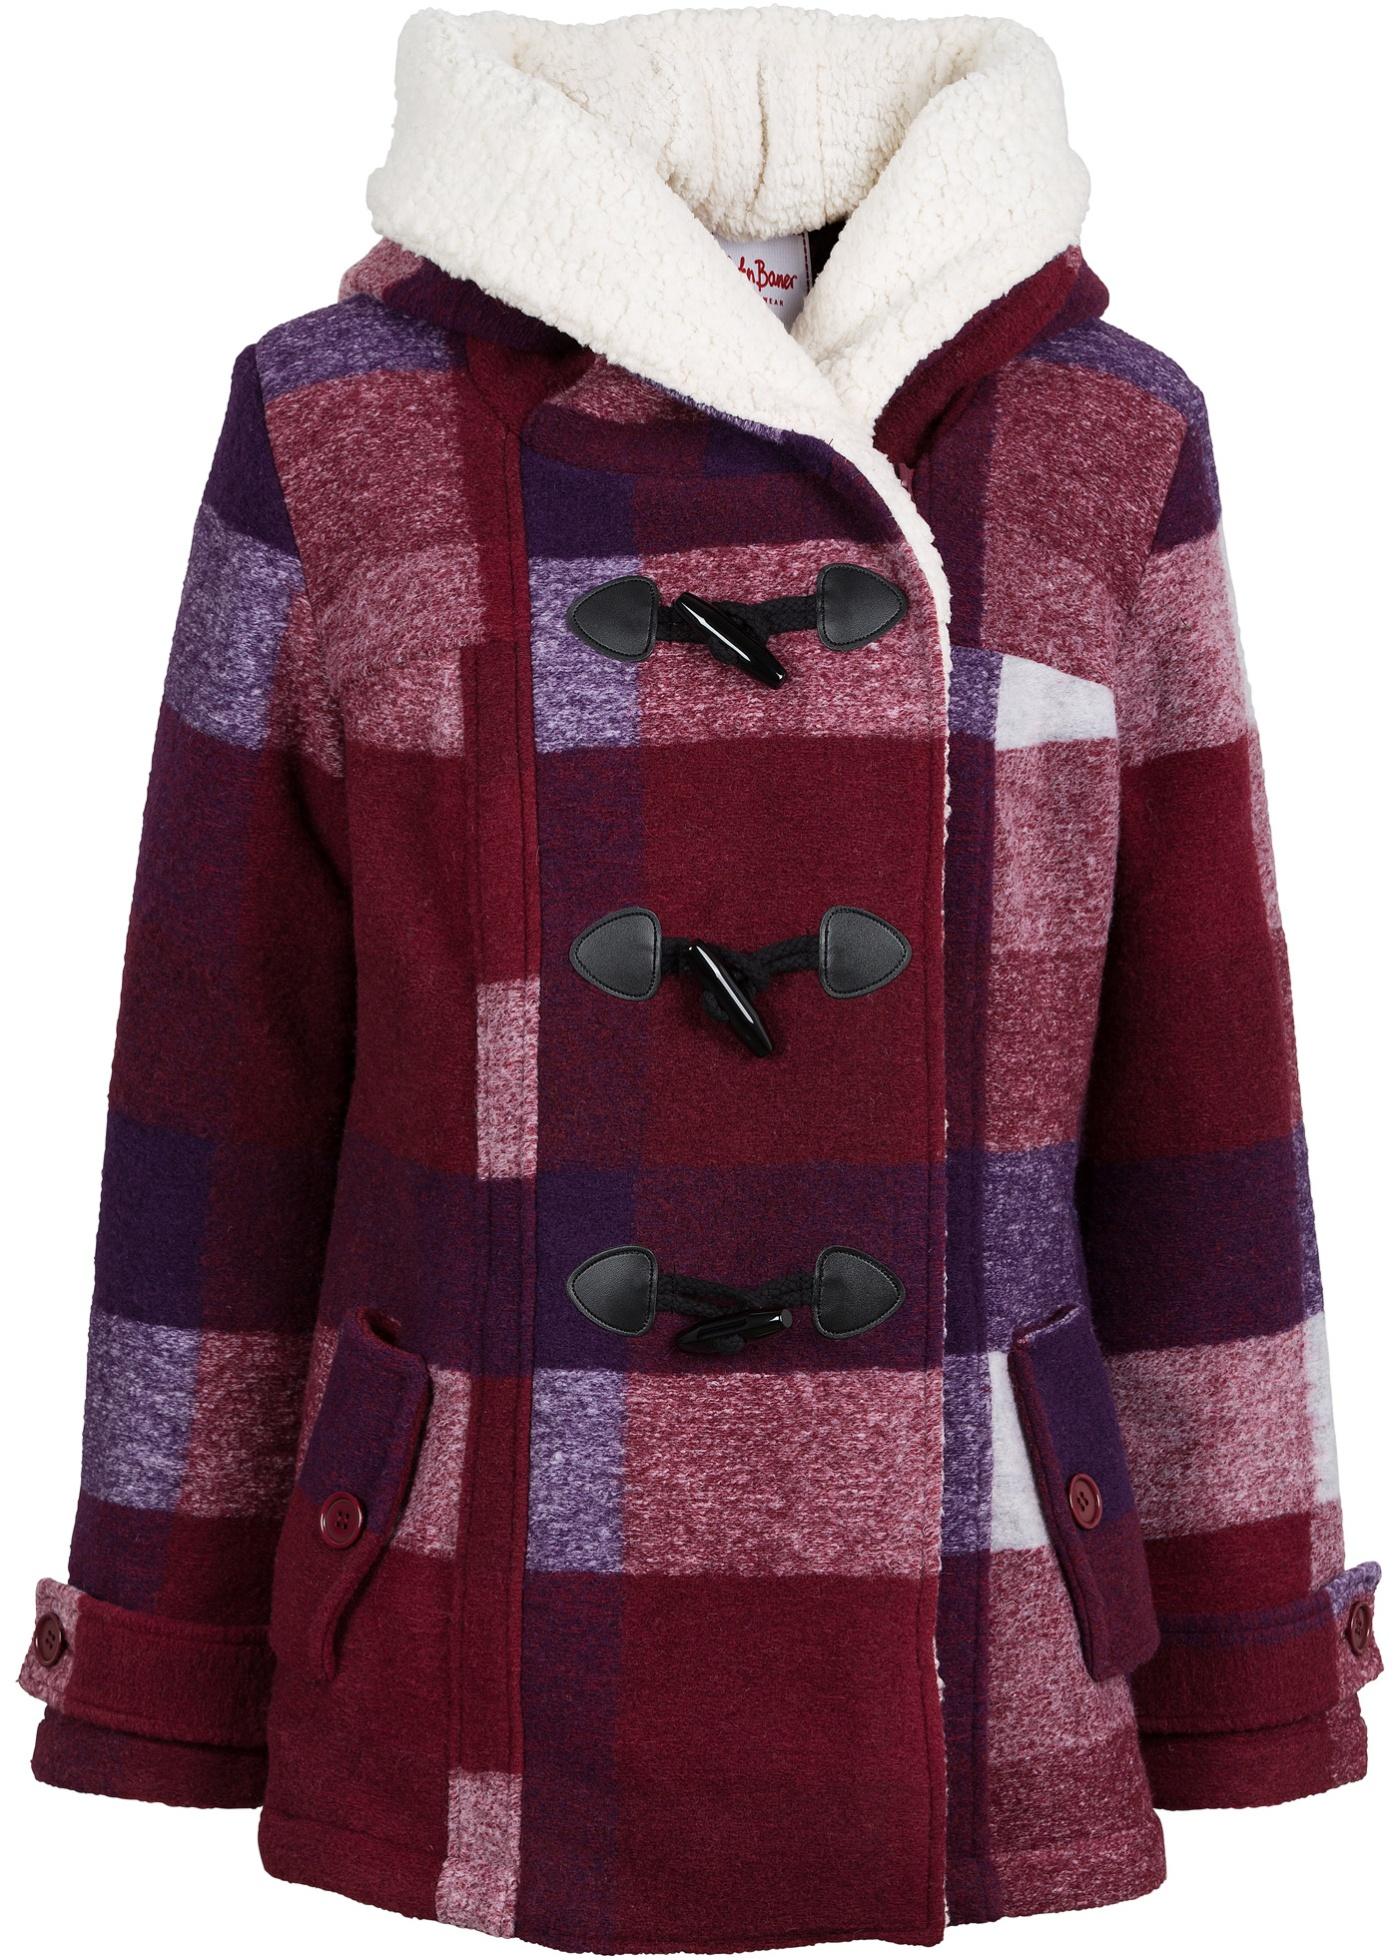 fd30c8e4b4b Vlněná bunda s medvídkovou podšívkou tmavě červeno-fialová kostkovaná -  koupit online - bonprix.